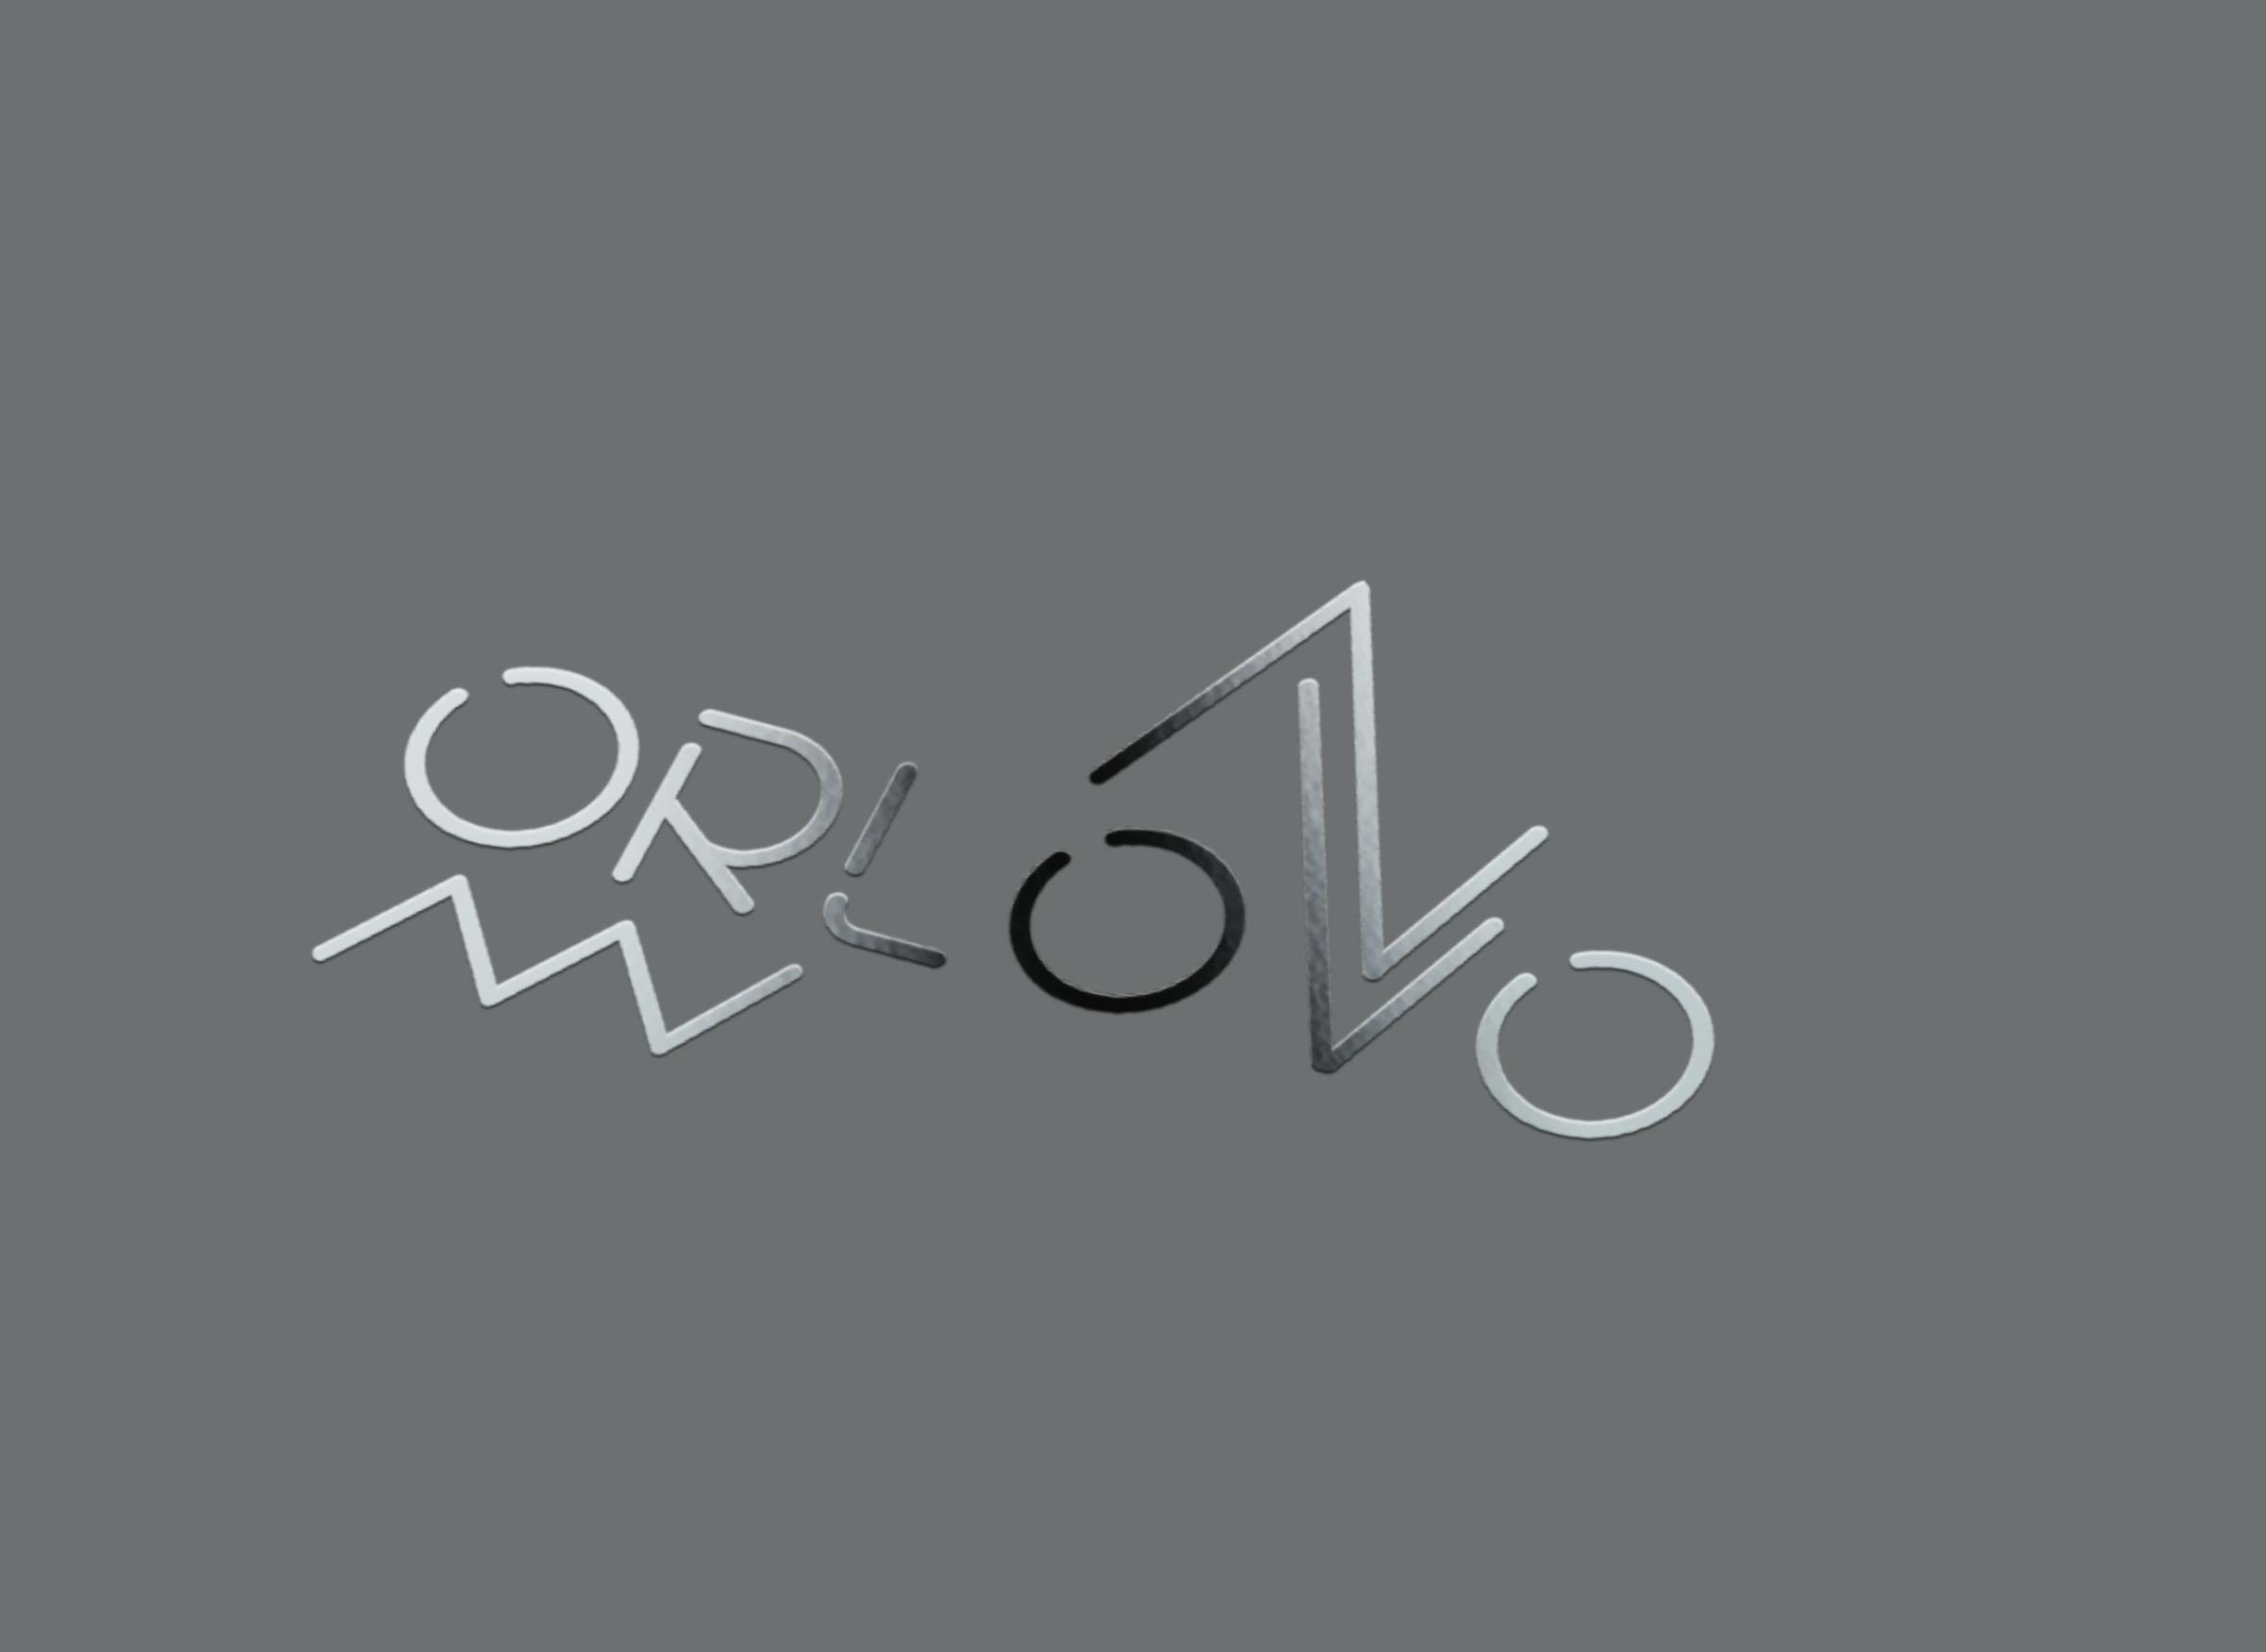 Разработка логотипа для Торгово-развлекательного комплекса фото f_673597287fec8c58.jpg